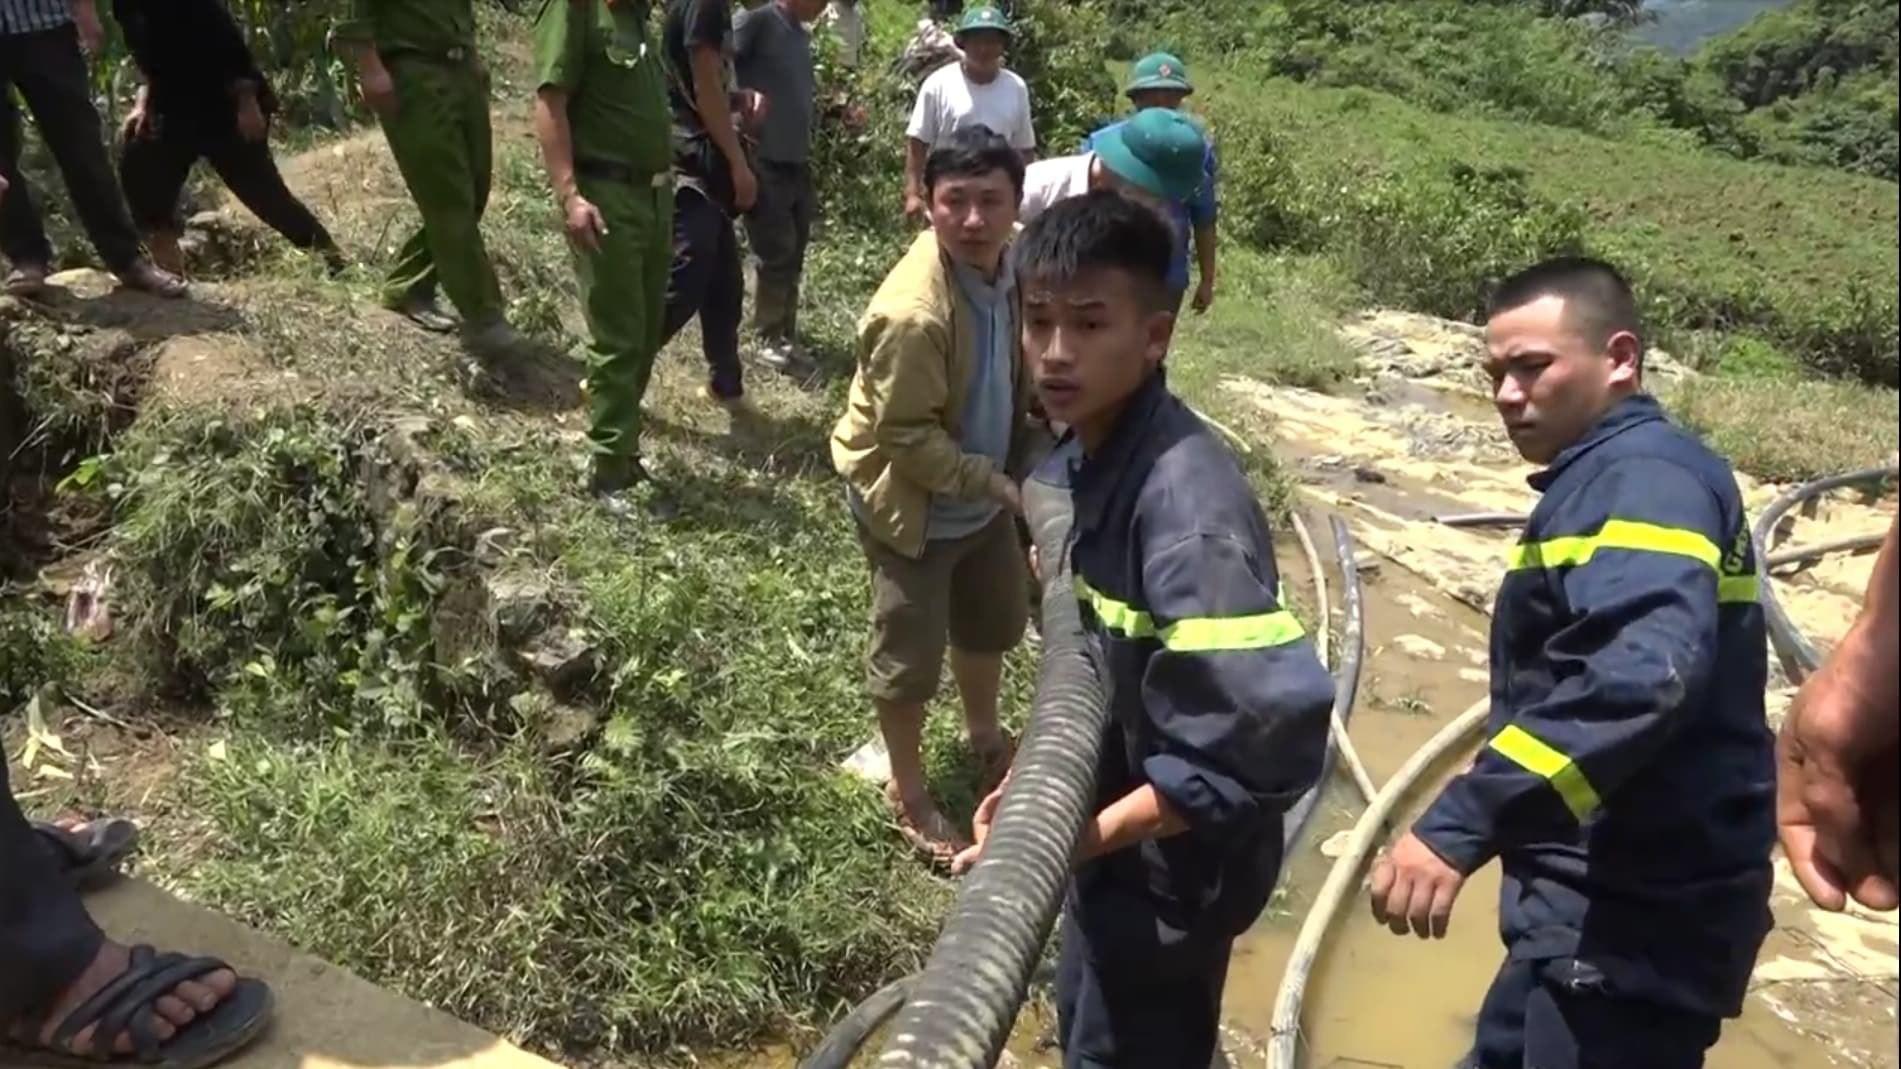 Cận cảnh hiện trường giải cứu nạn nhân mắc kẹt trong hang đá ở Lào Cai - Ảnh 5.